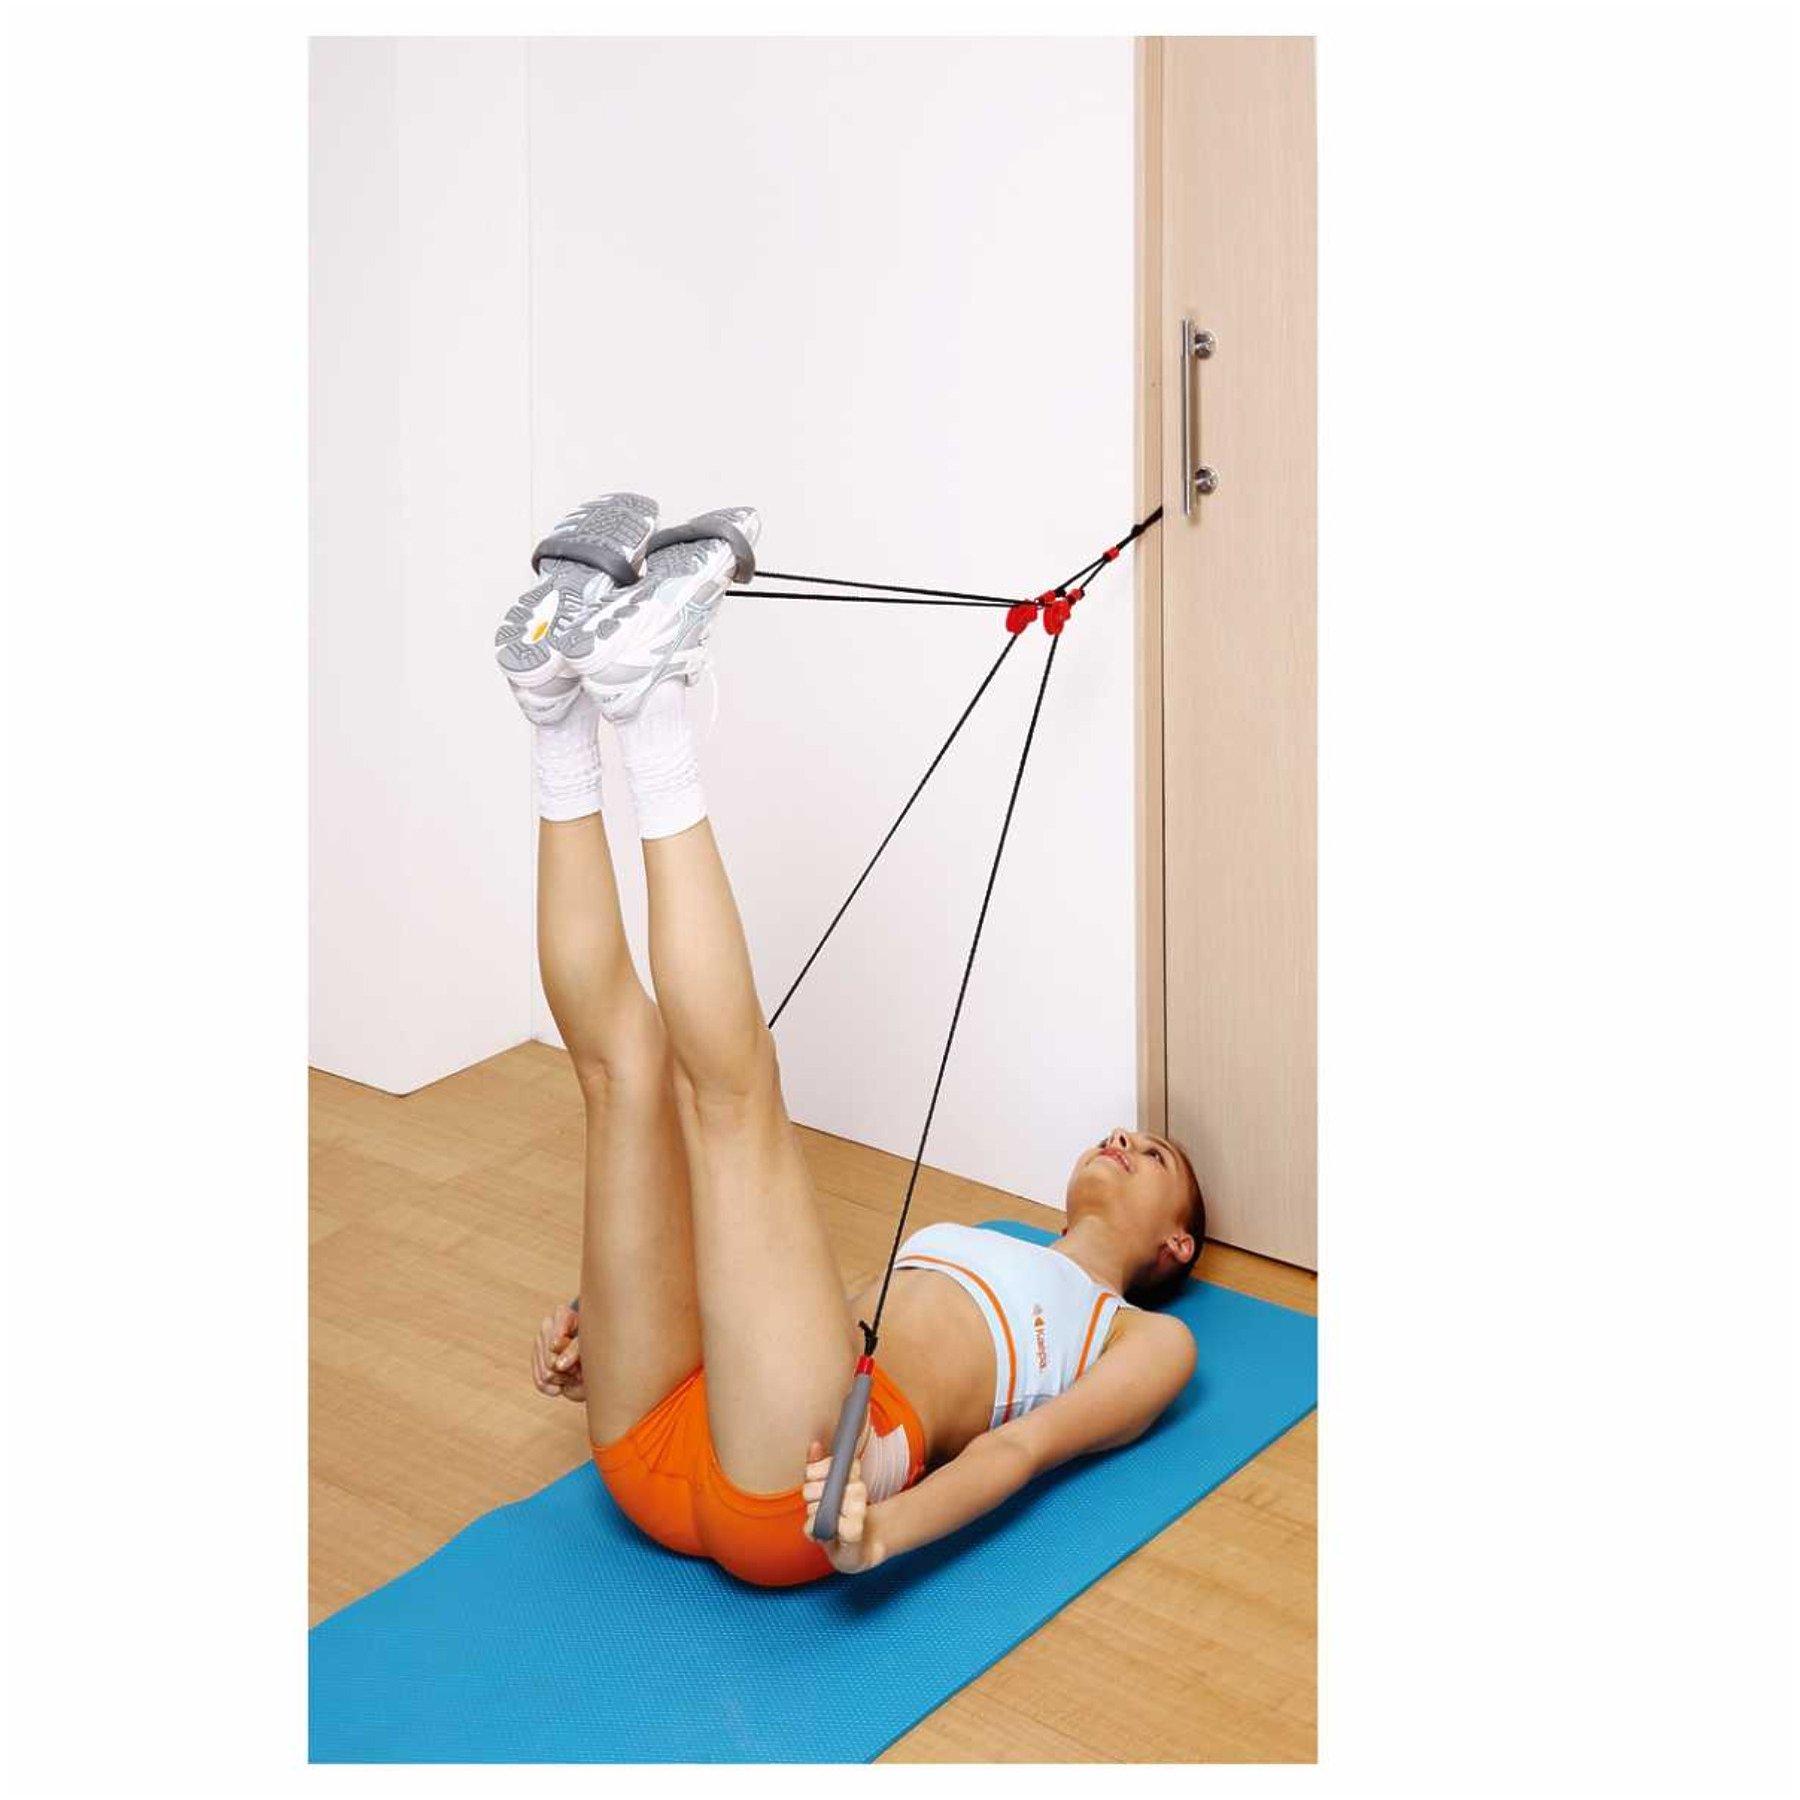 door knob rope exerciser photo - 9